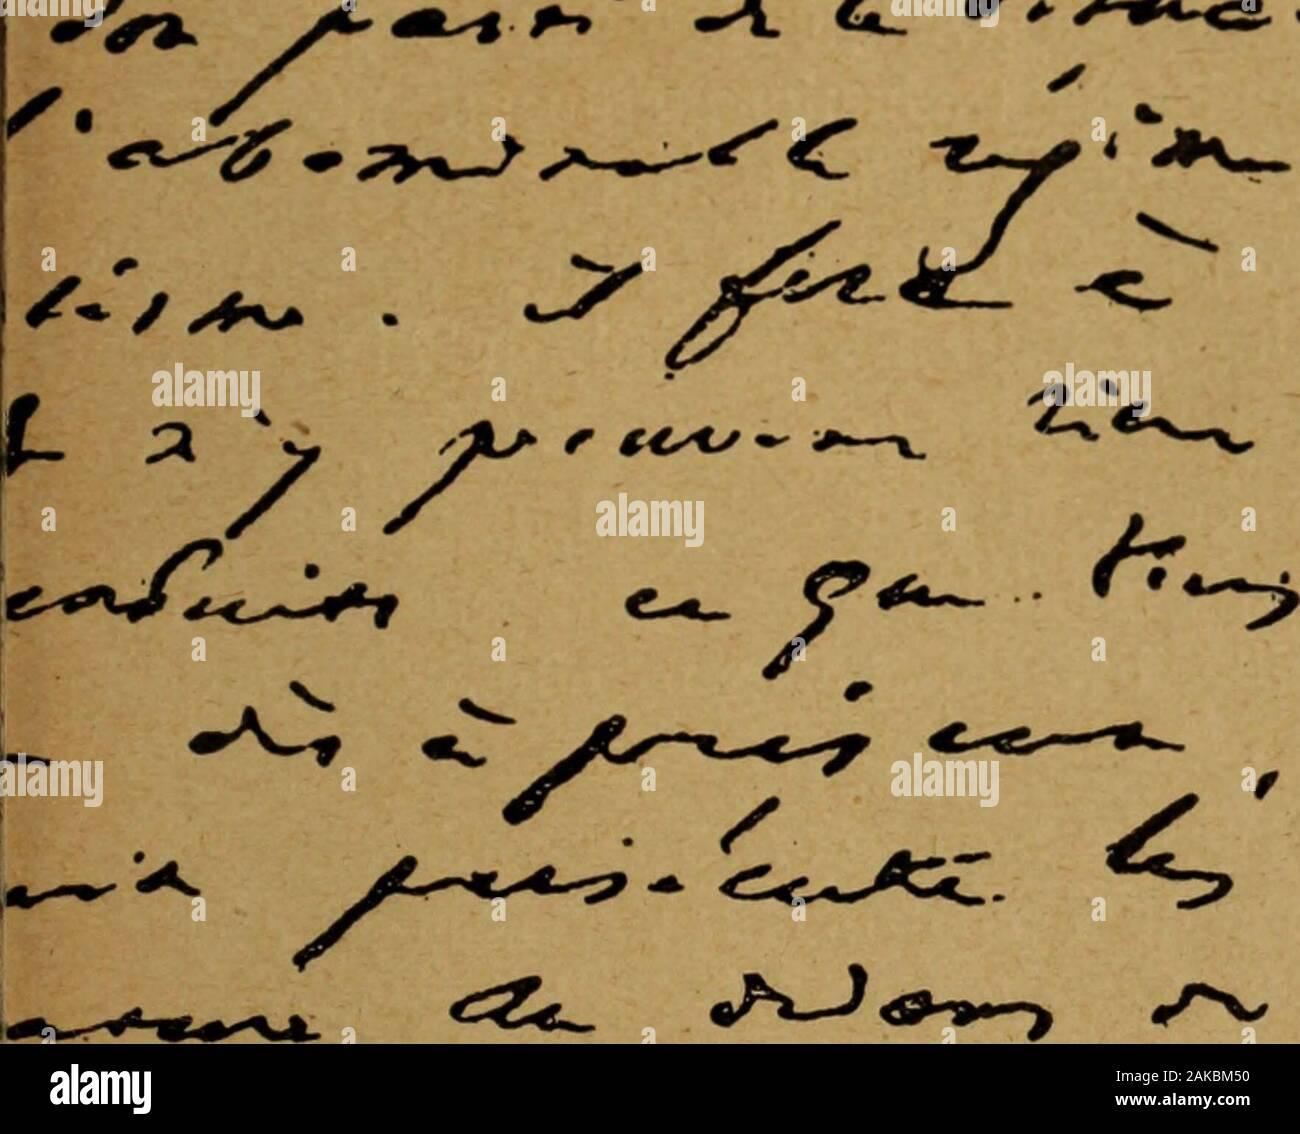 """L'envers de la gloire : enquetes et documents inedits sur Víctor Hugo.- ERenan.- Émile Zola.- Edgar Quinet.- Le PDidon.- Ferdinand Fabre.- Rachel.- Le Prince de Mónaco.- ChGarnier.- Hervé.- Marie Dorval.- Frédérick Lemaître.- Marie Laurent.- Henri Heine.- Alfred de Musset.- Gavarni, etc., etc . *^>v^g """"^j """" ^*L.€^^e Y.*- ^Xj^vr^ ^^/- /^^ ^ ^-ty^^ c/r,^^^^^^ ér£^^t< fragmento de la Lettre du 8 mai, ^*r"""" ^^ •A. ≪ •^^%*"""".<s.-. y * y oyée de Guernesey à M. Lacroix. 26 lenvers de la gloire hijo auteur, autant que ses propres mérites, recom-mandait à Tadmiration publique. Les Éditions pieu Foto de stock"""